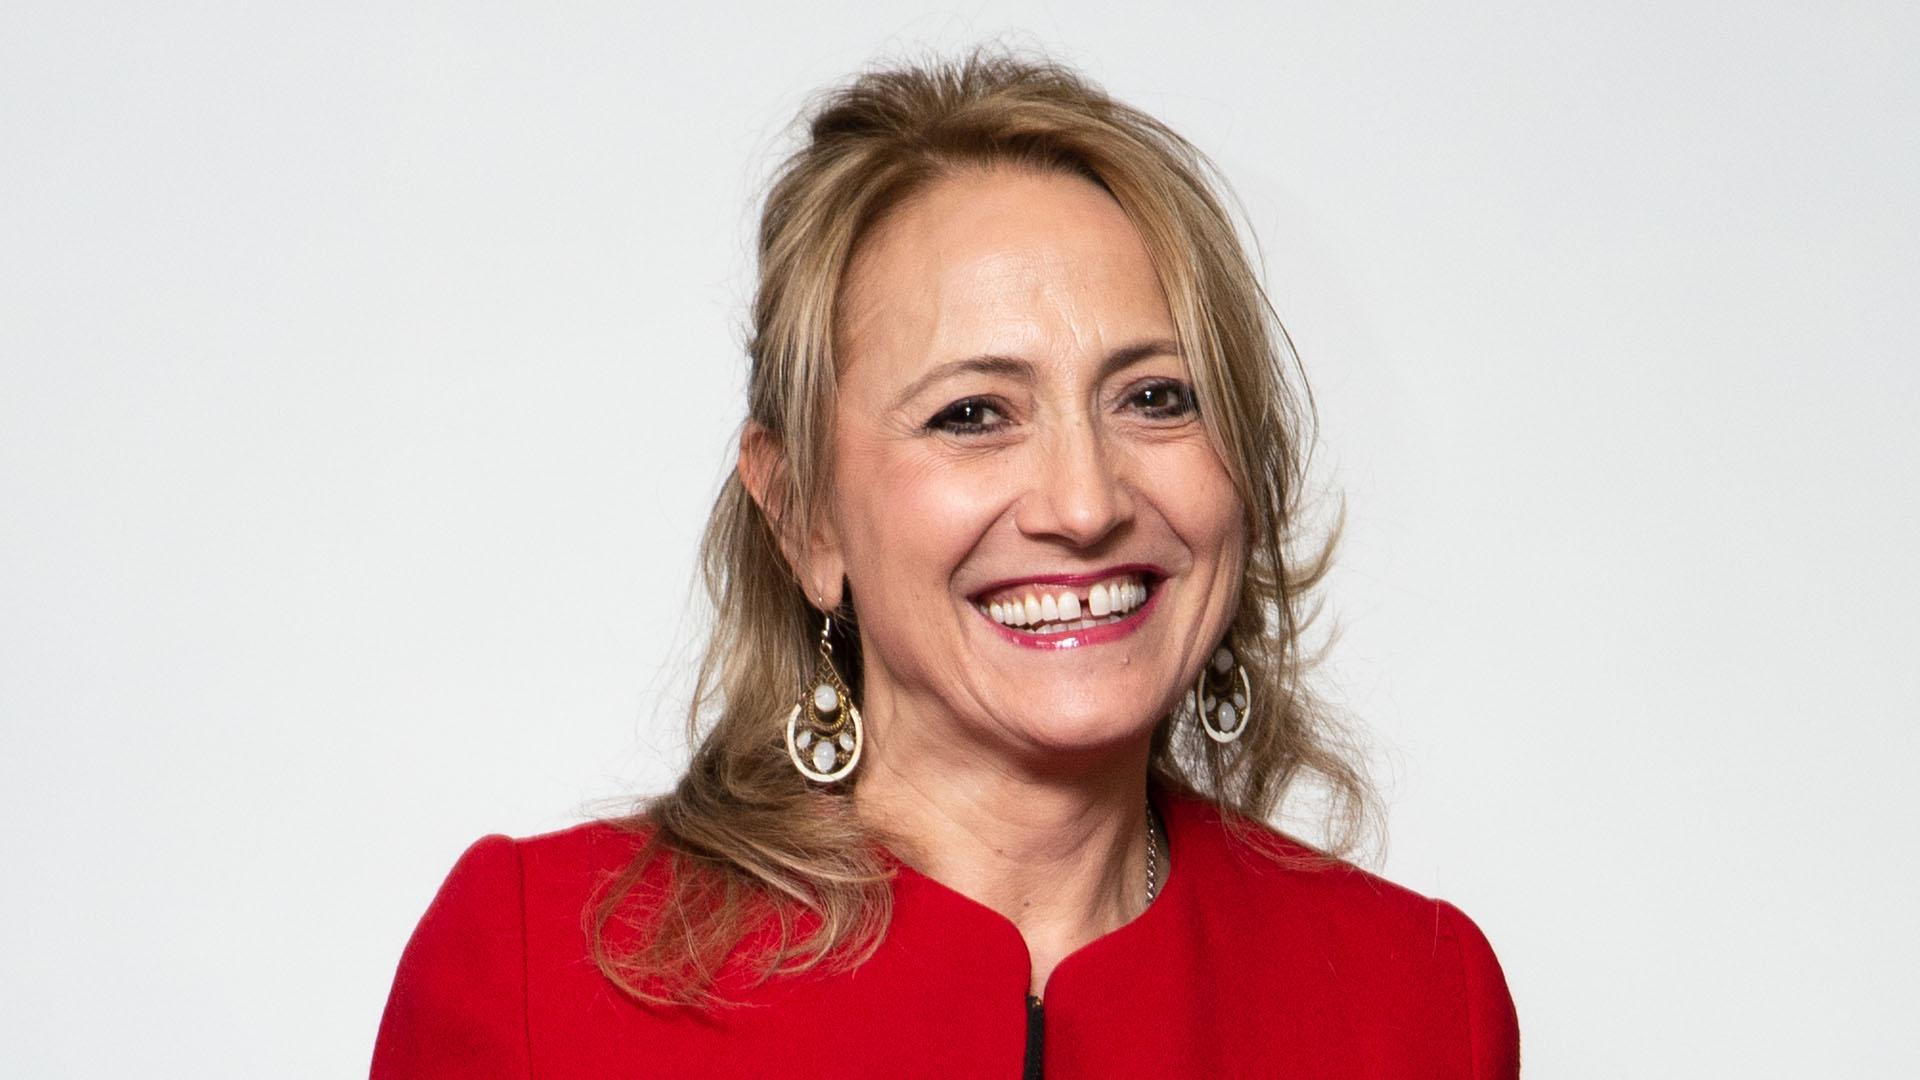 Spreghini Maria Rita